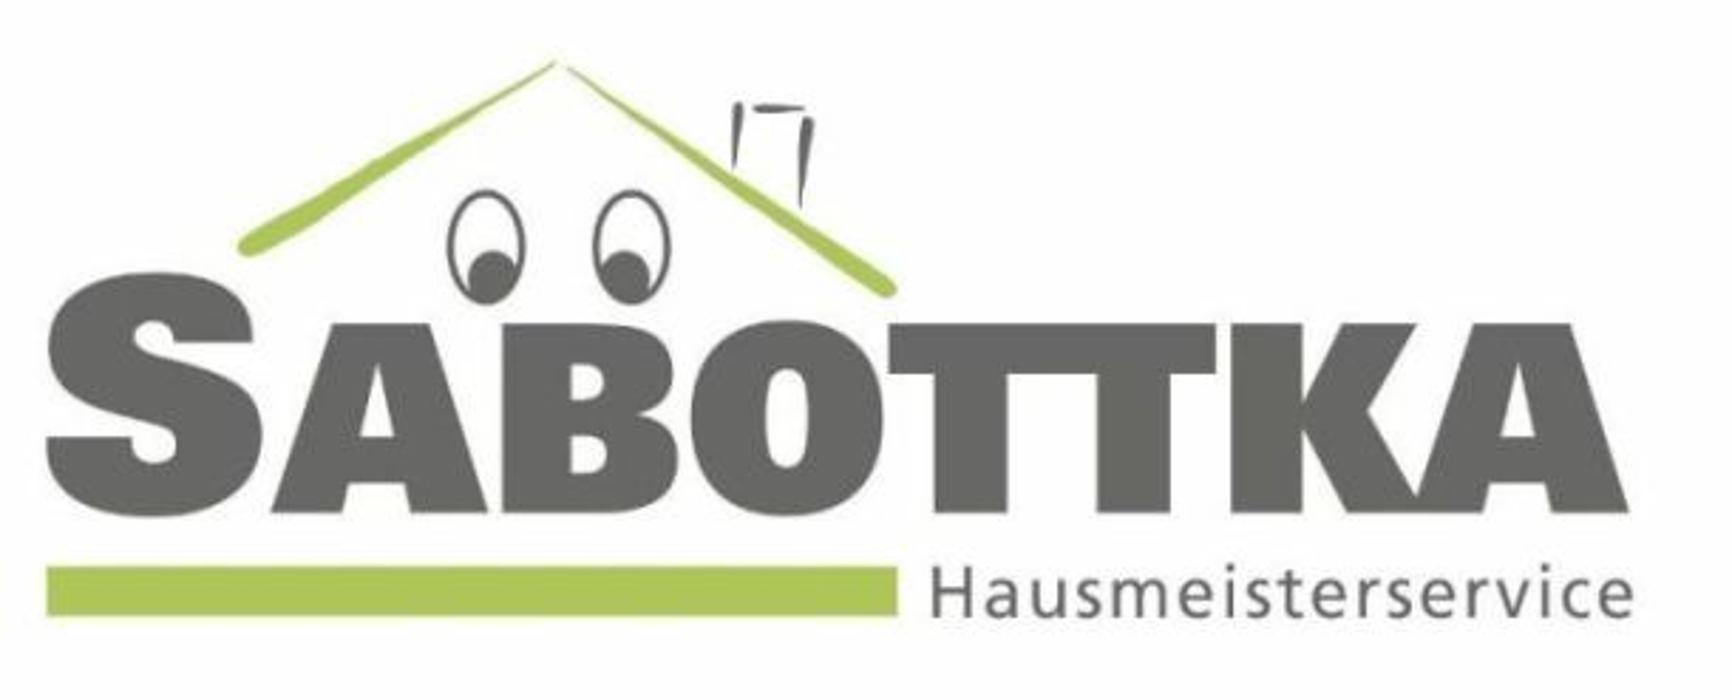 Bild zu Hausmeisterservice Sabottka in Sinzig am Rhein